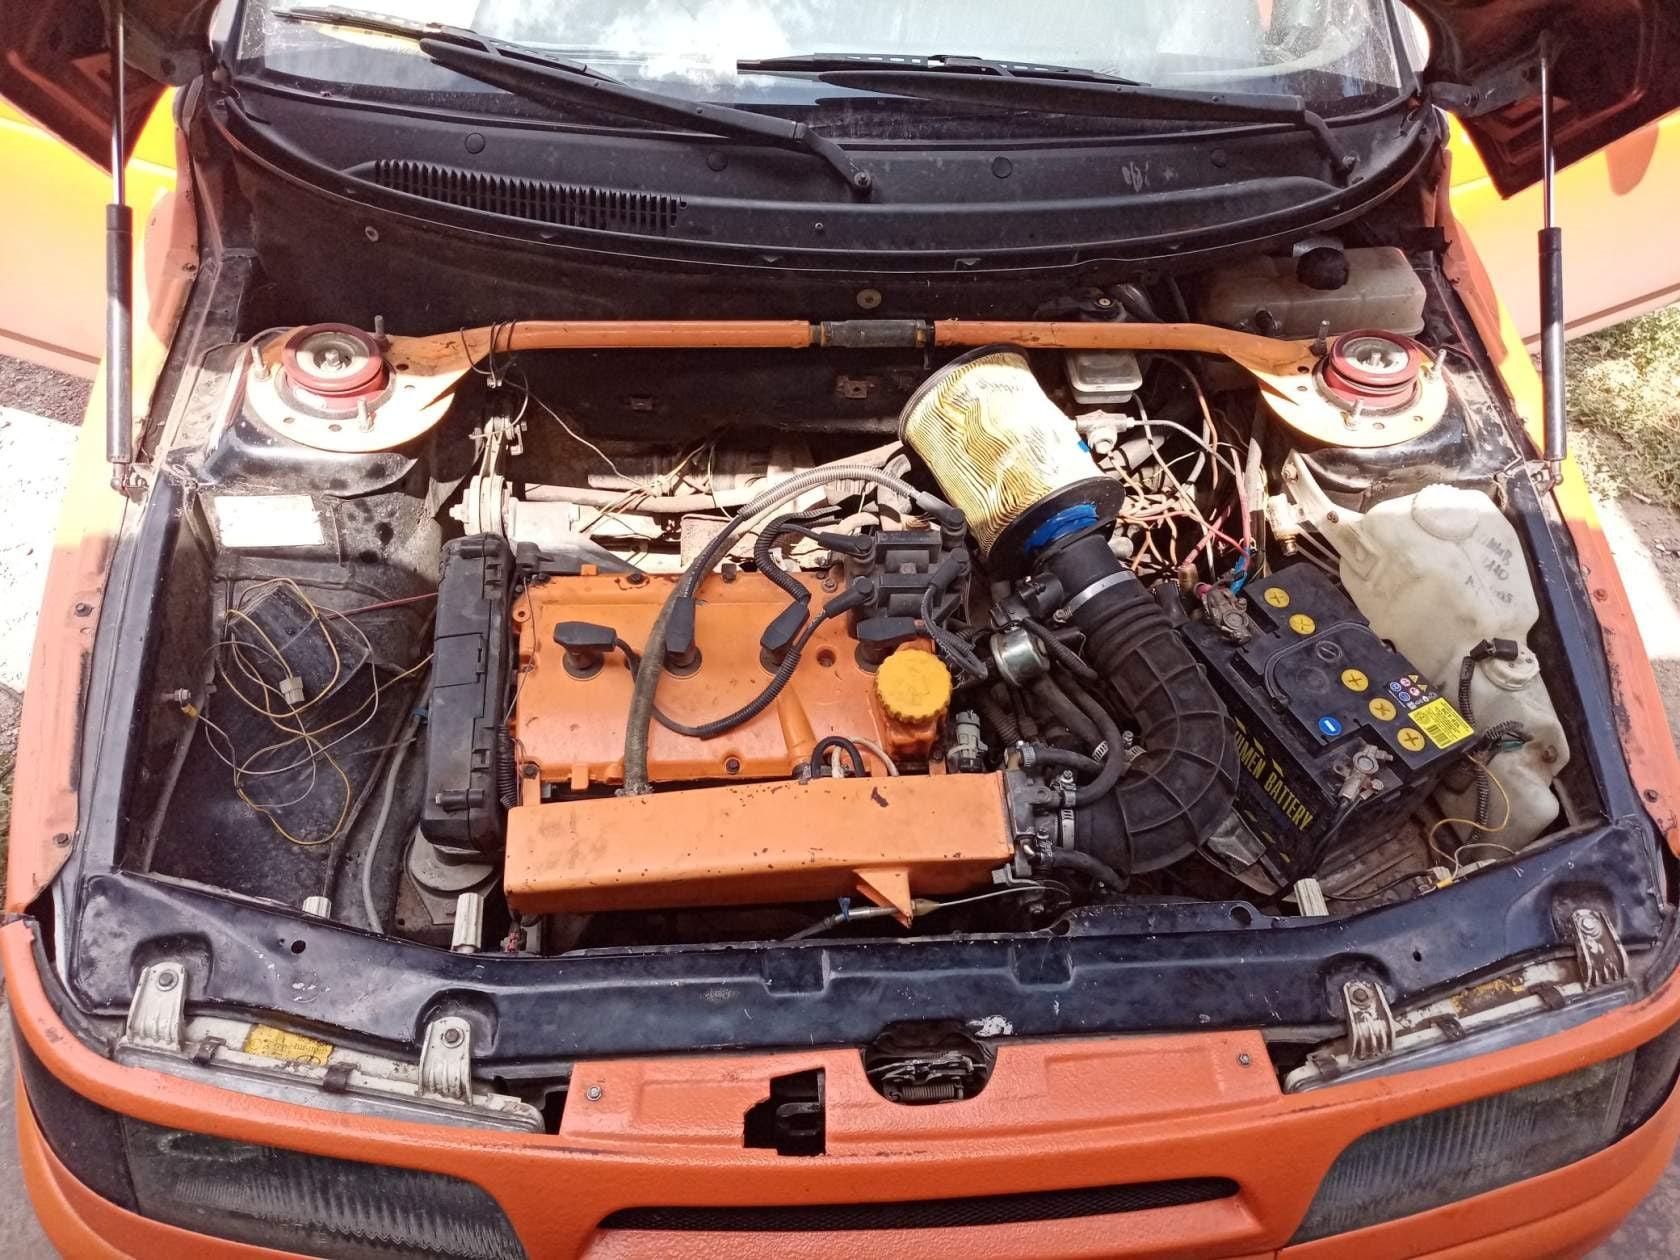 Купить ваз 2110. 2004г.в. 16клп. Двигатель 1.6 | Объявления Орска и Новотроицка №2887